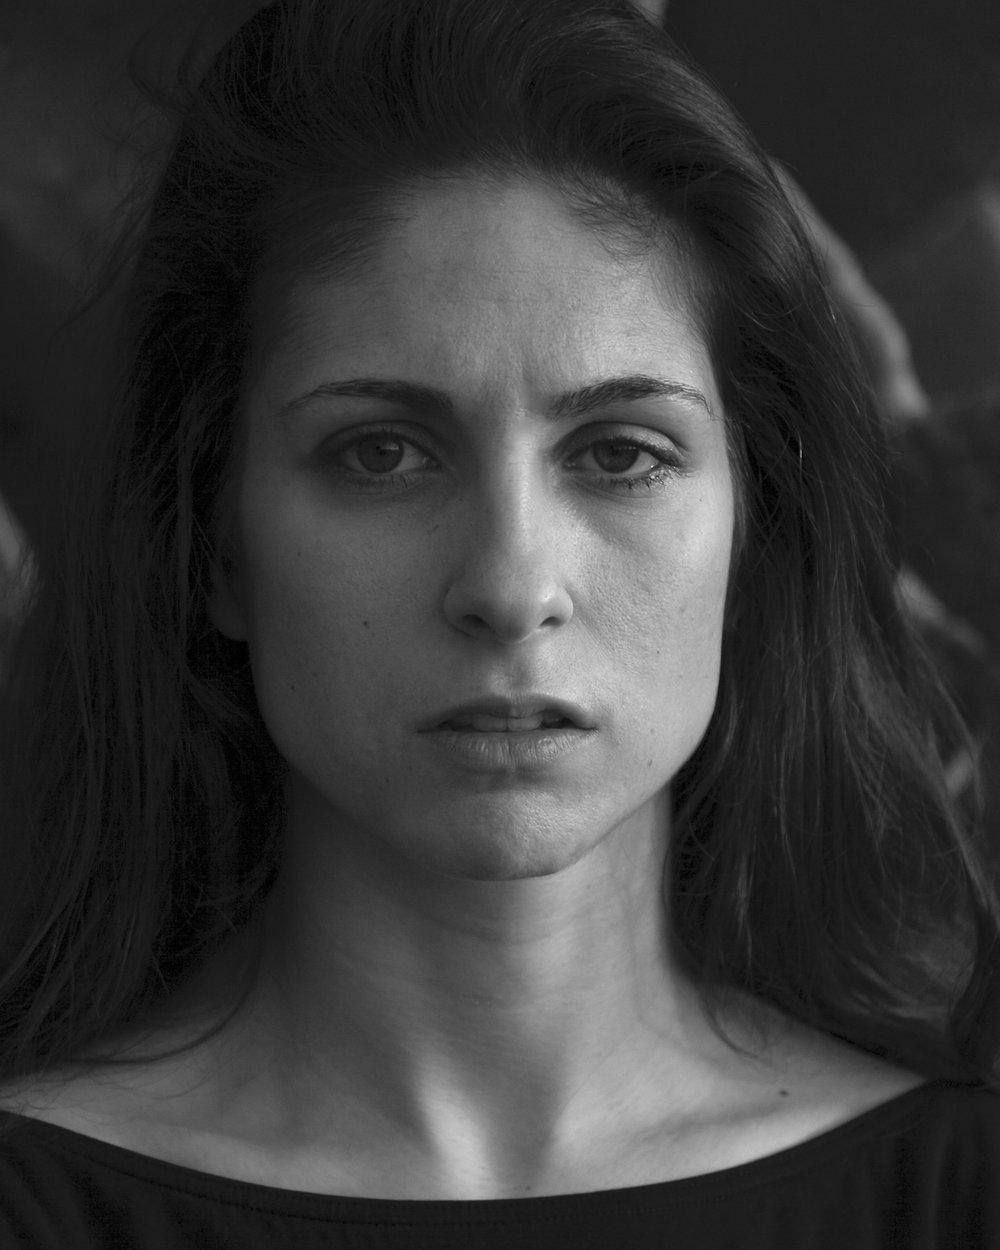 """<a href=""""http://iabstudentprofiles.com/agnes-balfego"""">Agnès Balfegó</a>"""